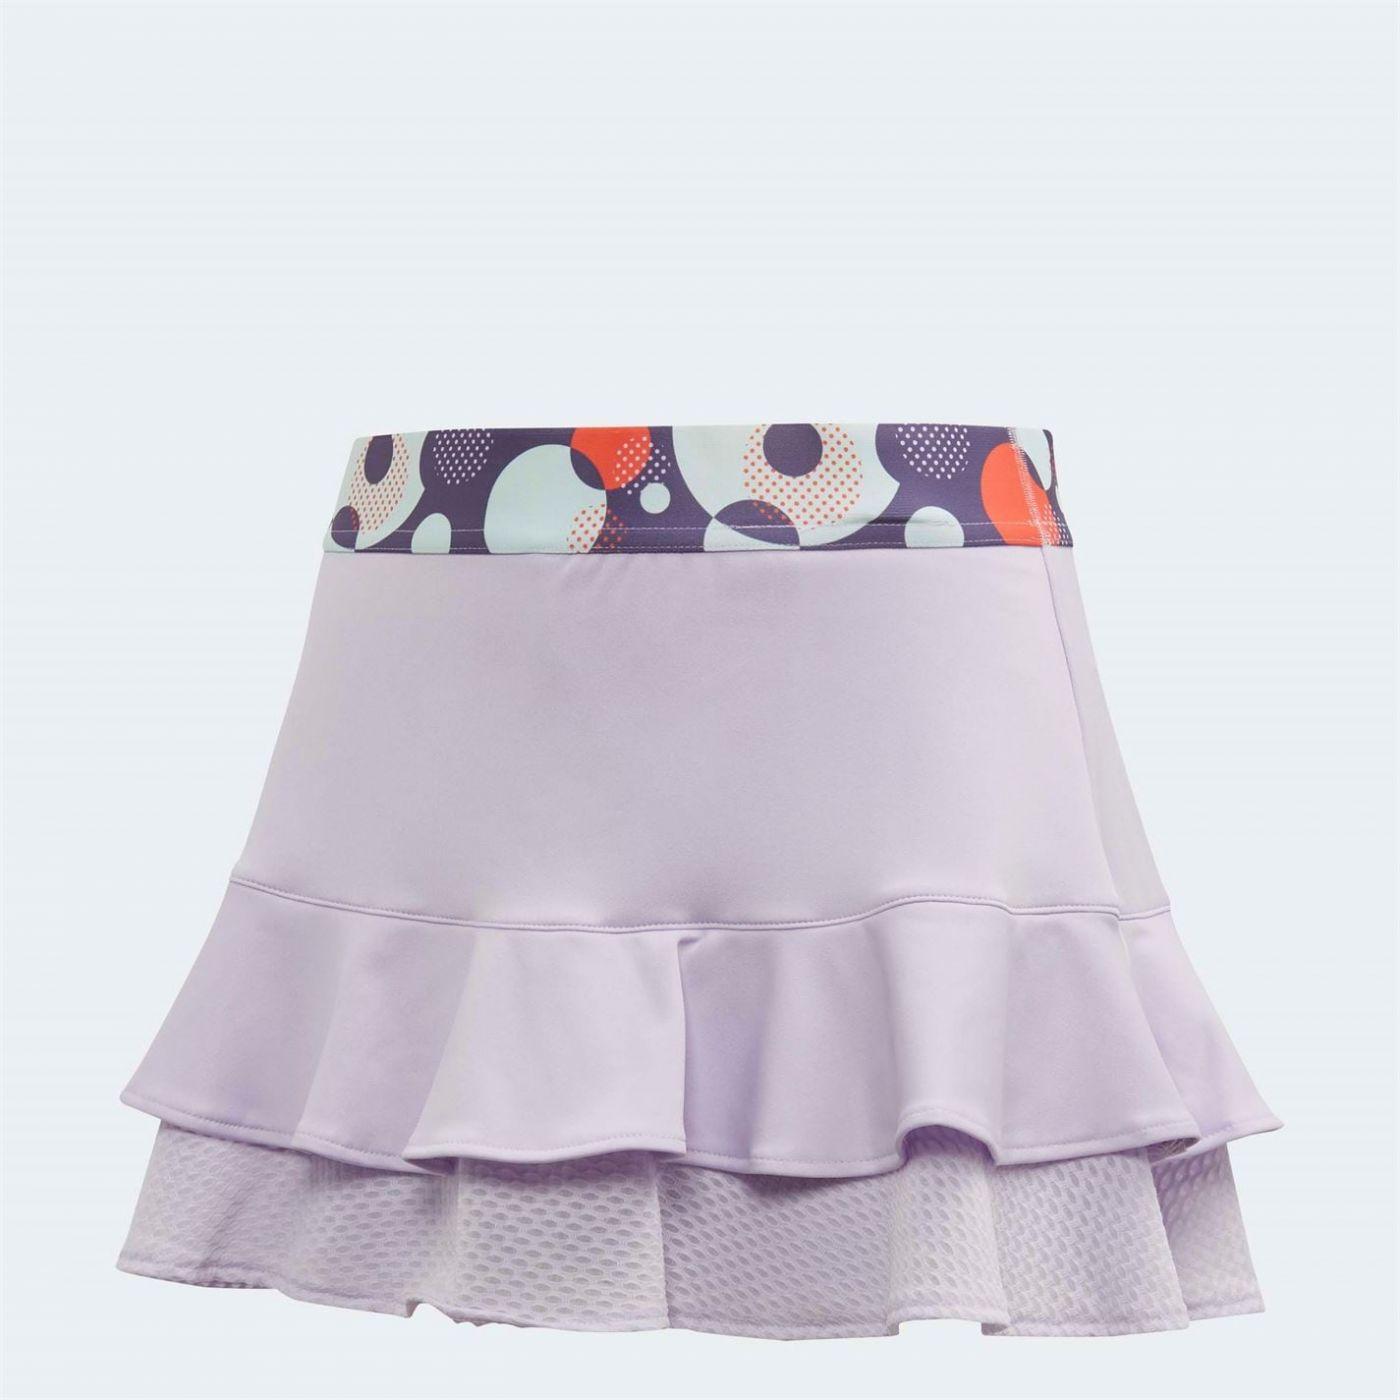 Adidas Frill Skirt JnG03